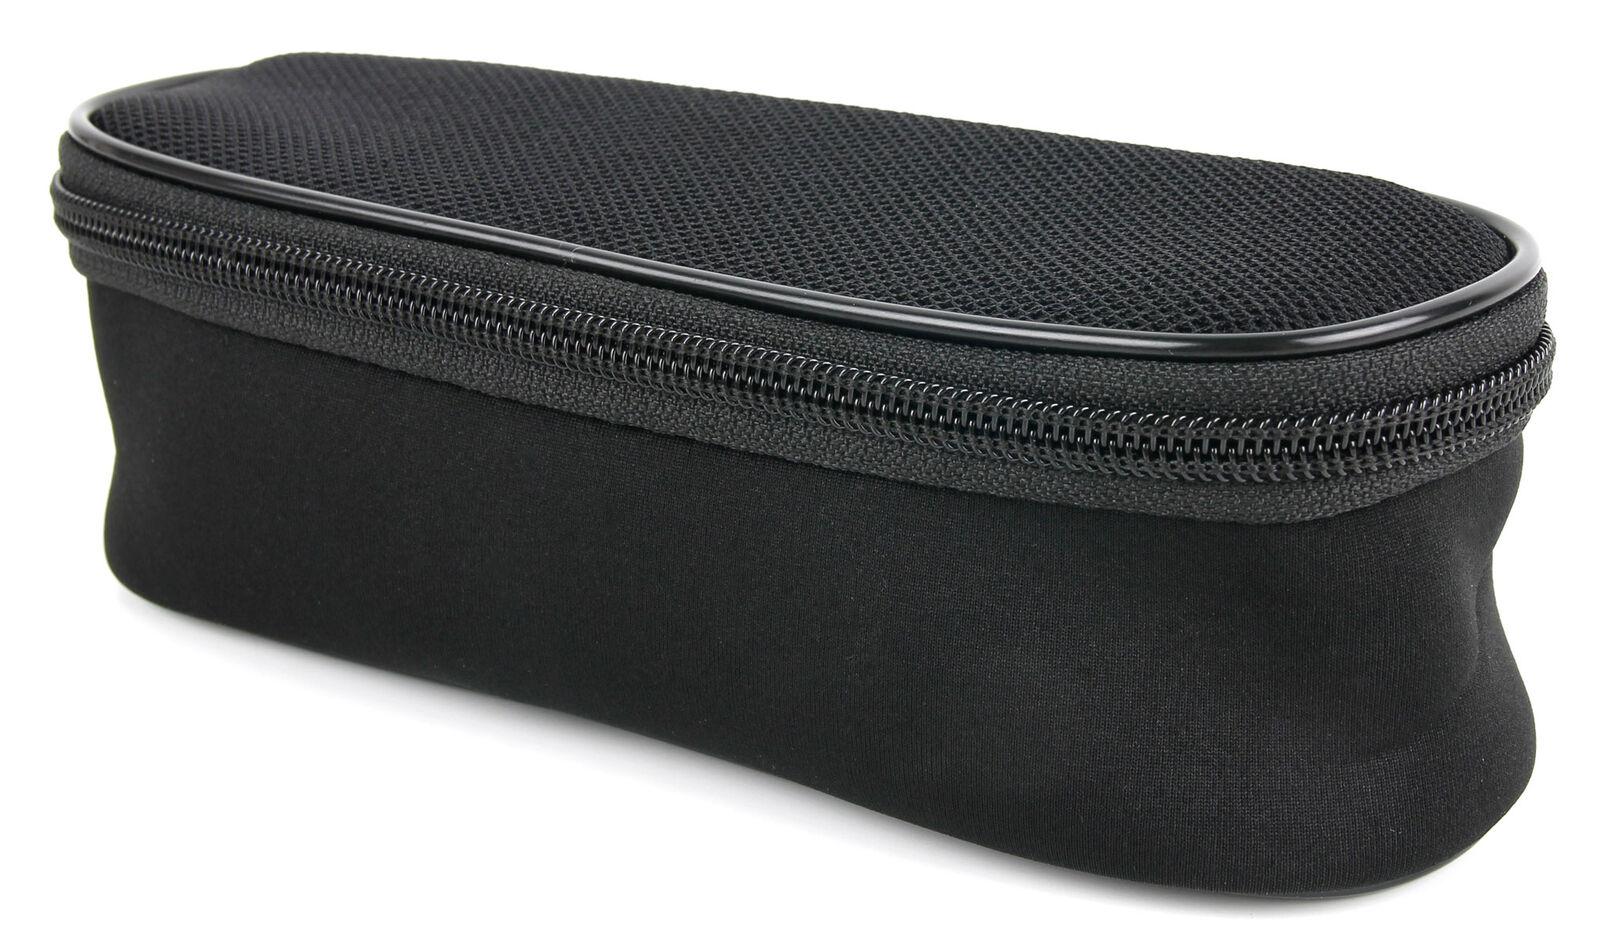 Noir Rembourré avec Rasoir cas avec Rembourré Netted côtés pour Philips série 5000 S5320/06 675e95